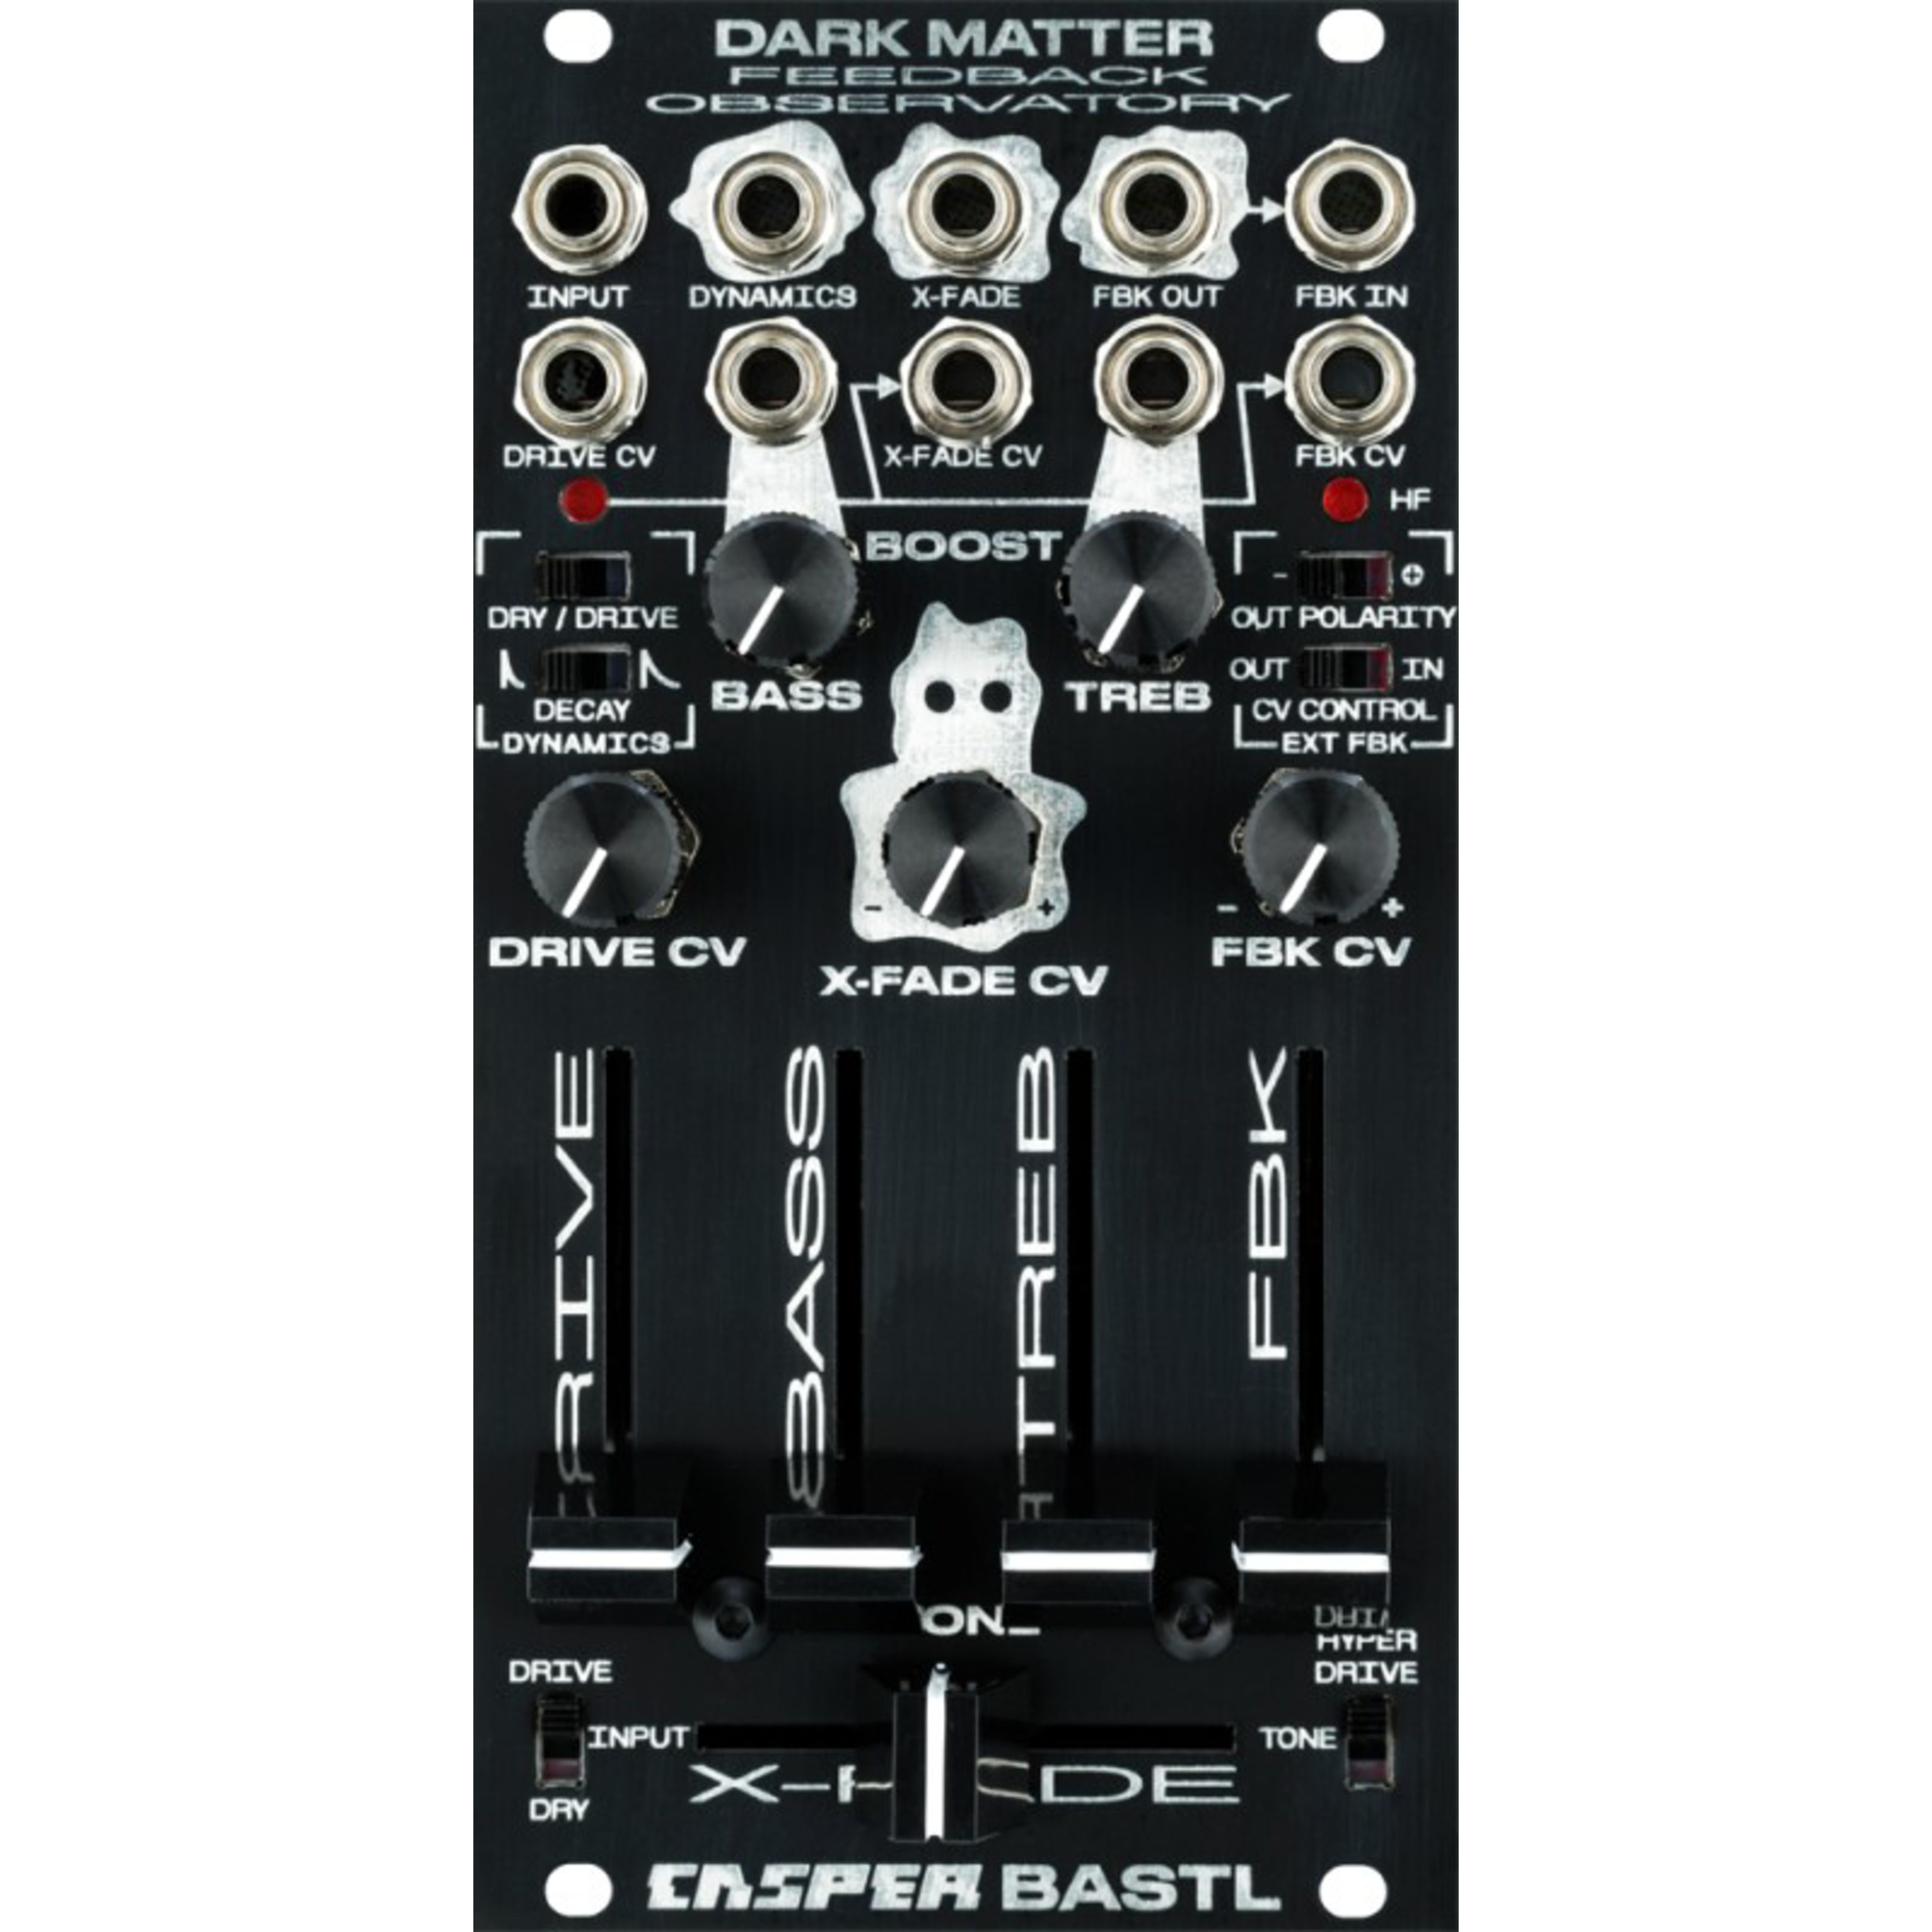 Bastl Instruments - Dark Matter